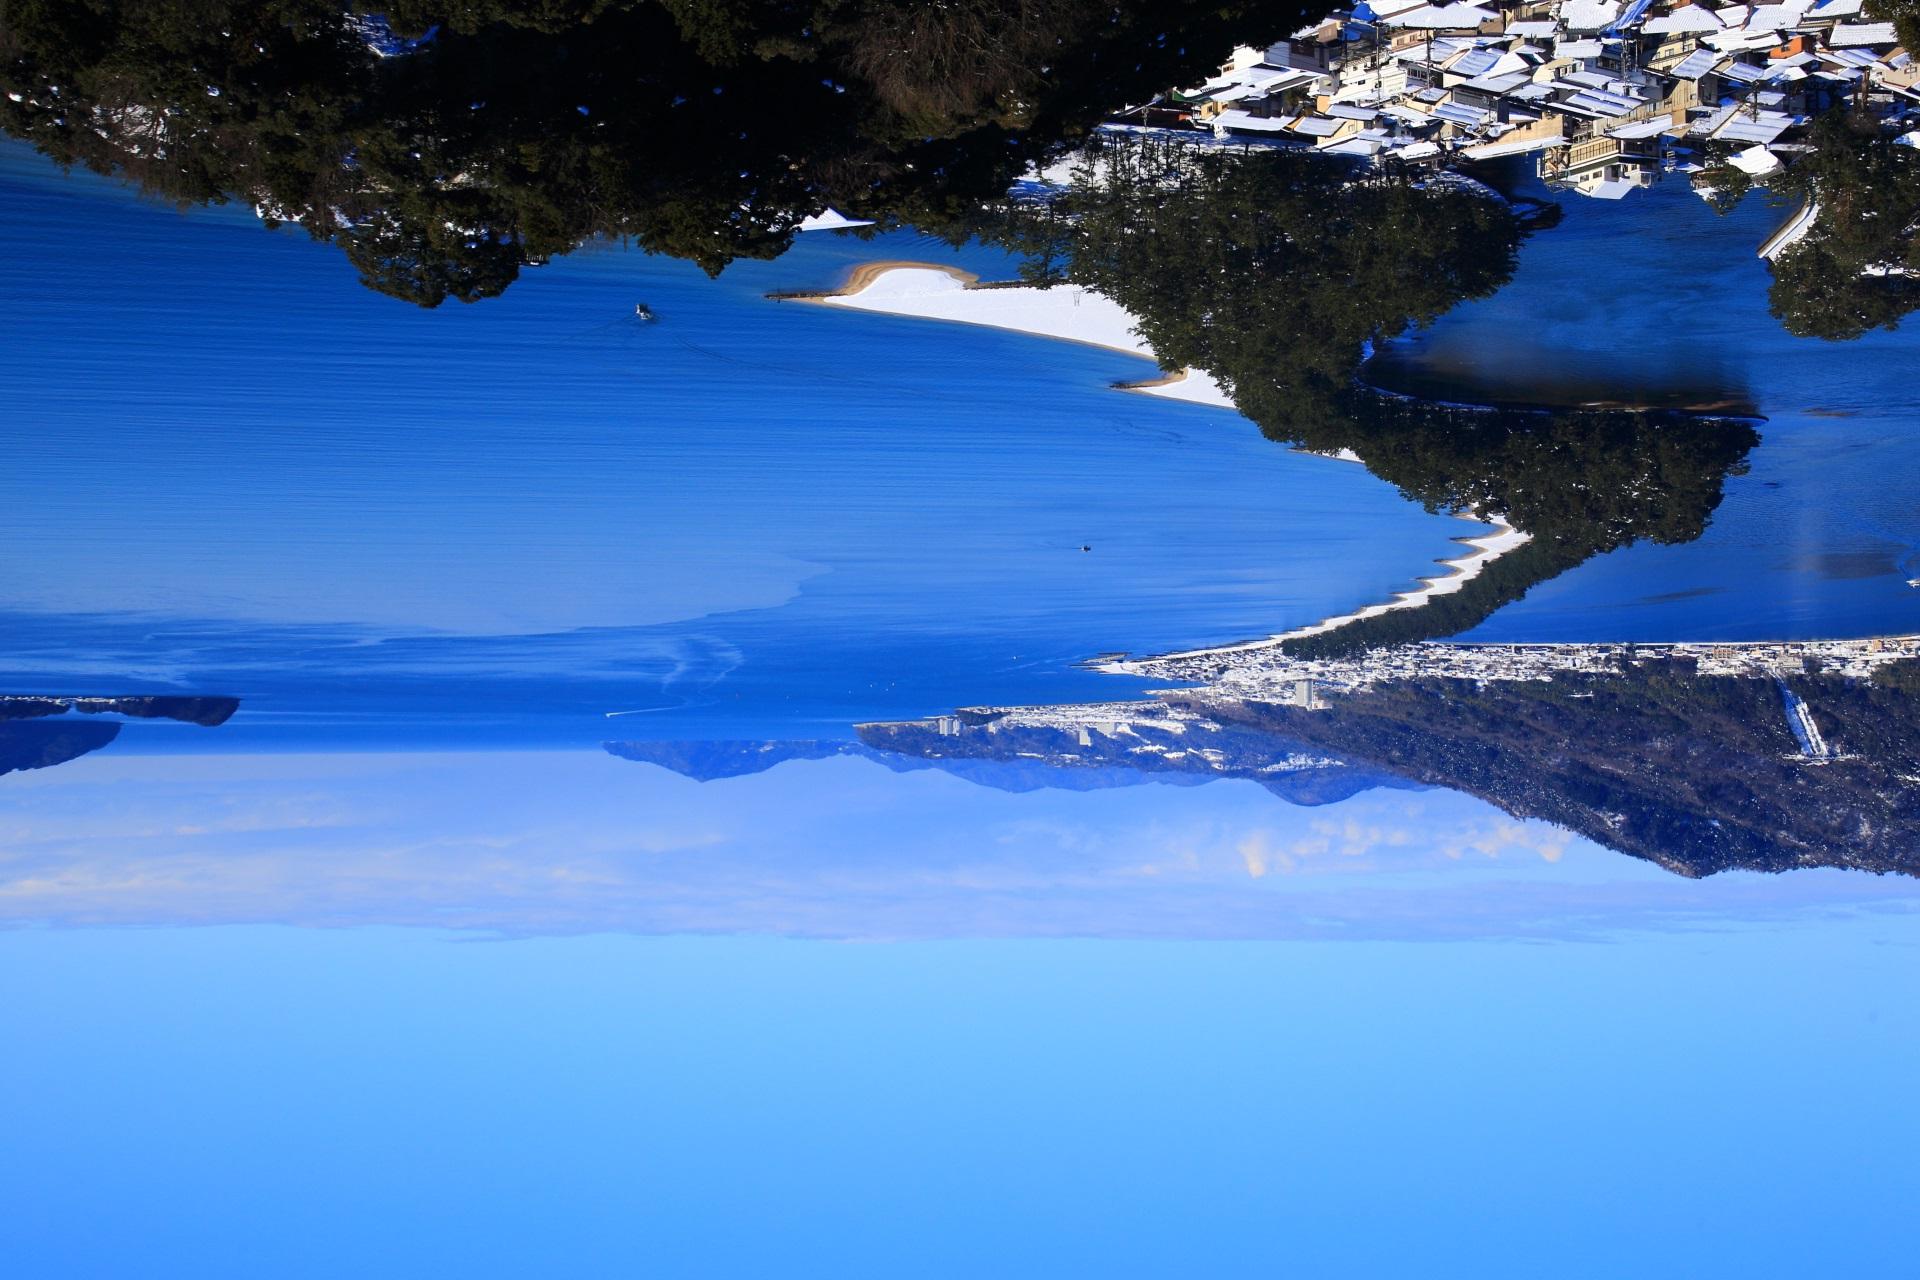 雪の天橋立の股のぞきバージョン